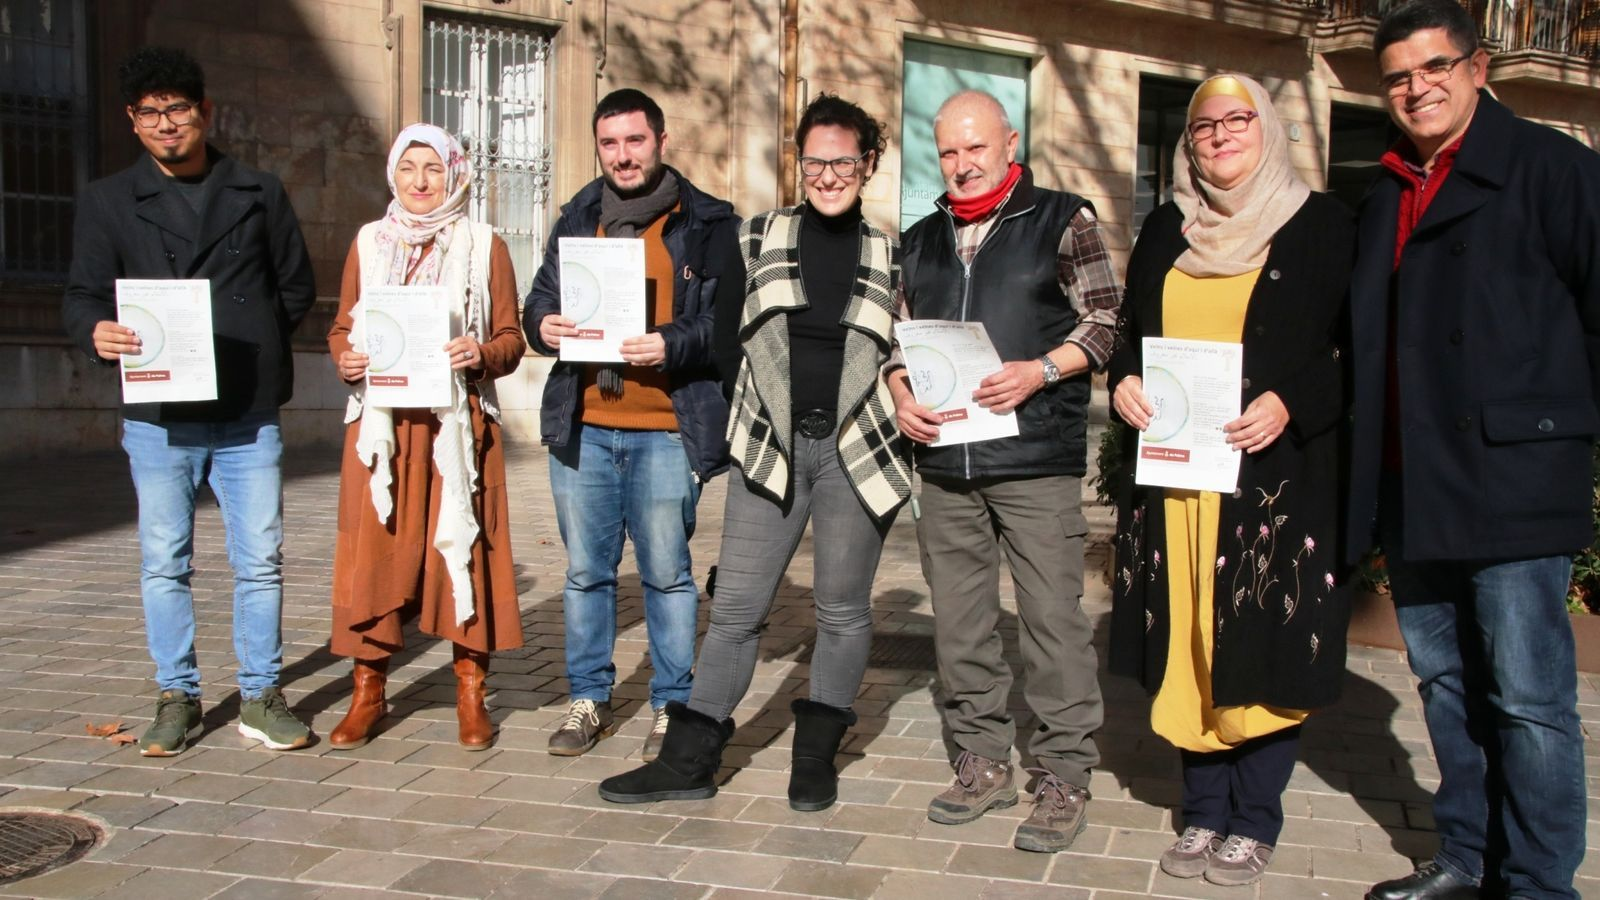 La regidora de Participació Ciutadana, Eva Frade, el regidor de Drets Cívics, Aligi Molina, i membres de l'associativa 'La Iniciativa'